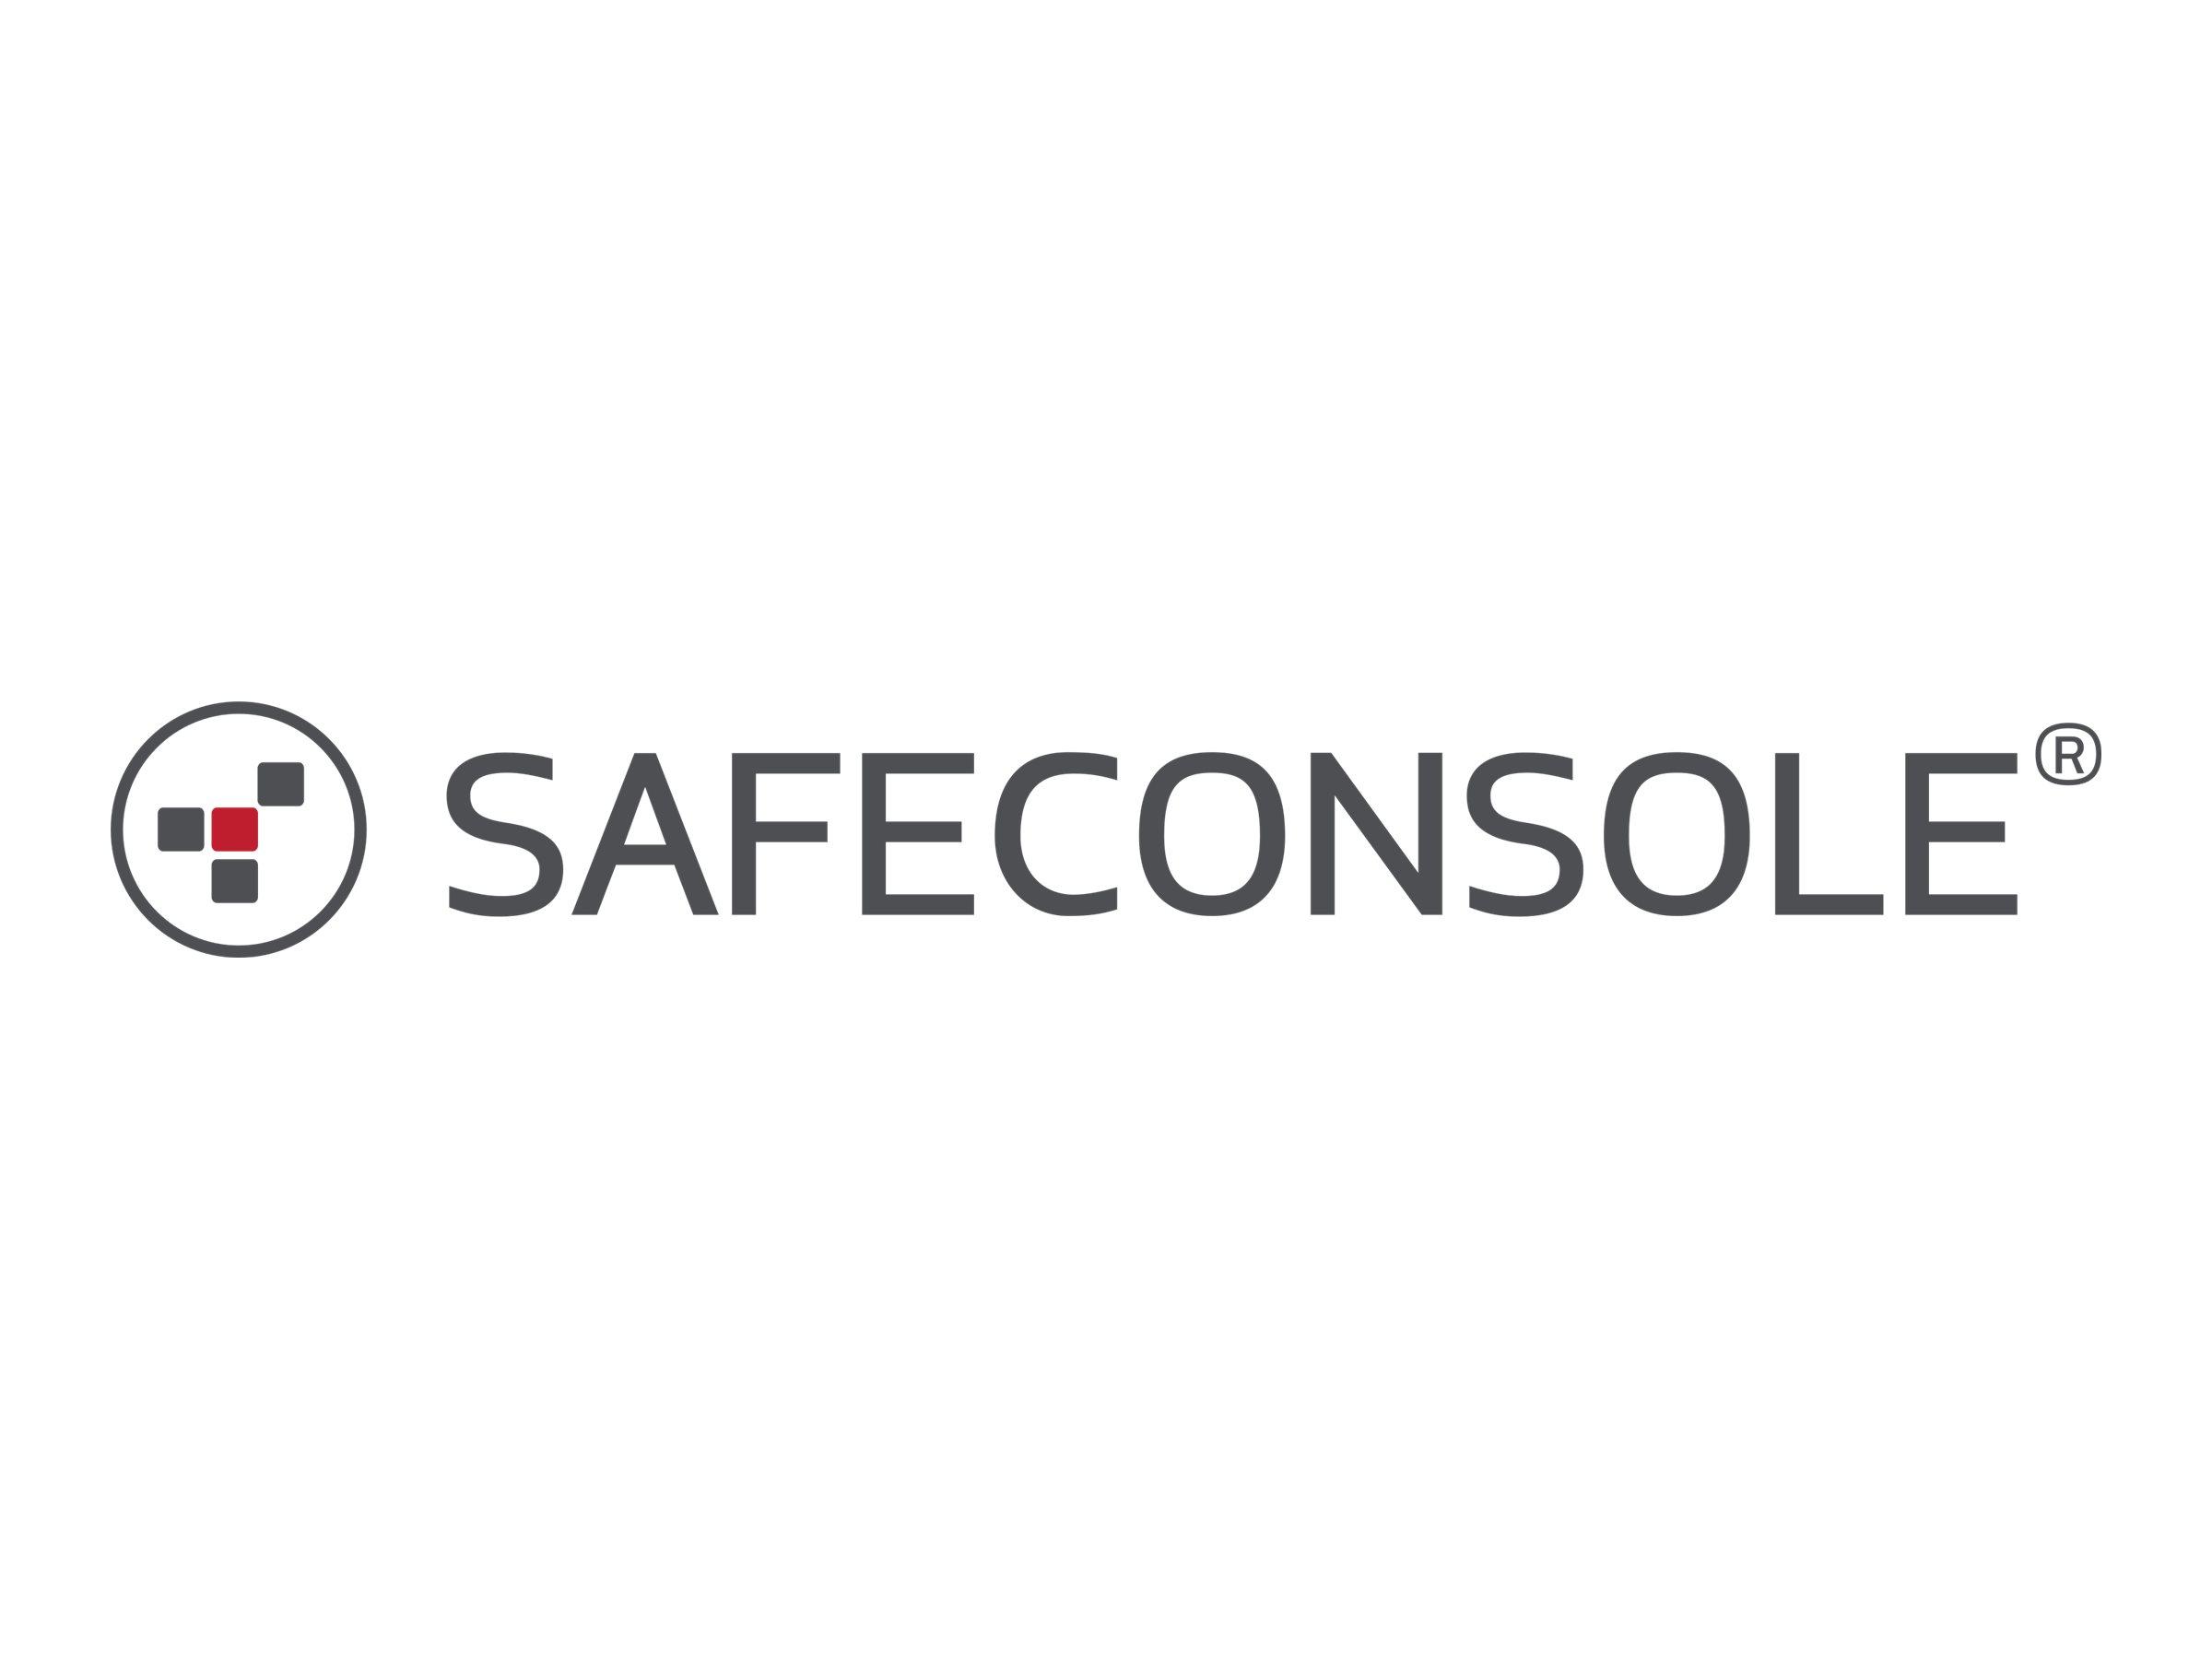 SafeConsole Cloud - Device License (1 Jahr) - gehostet - Basislizenz erforderlich